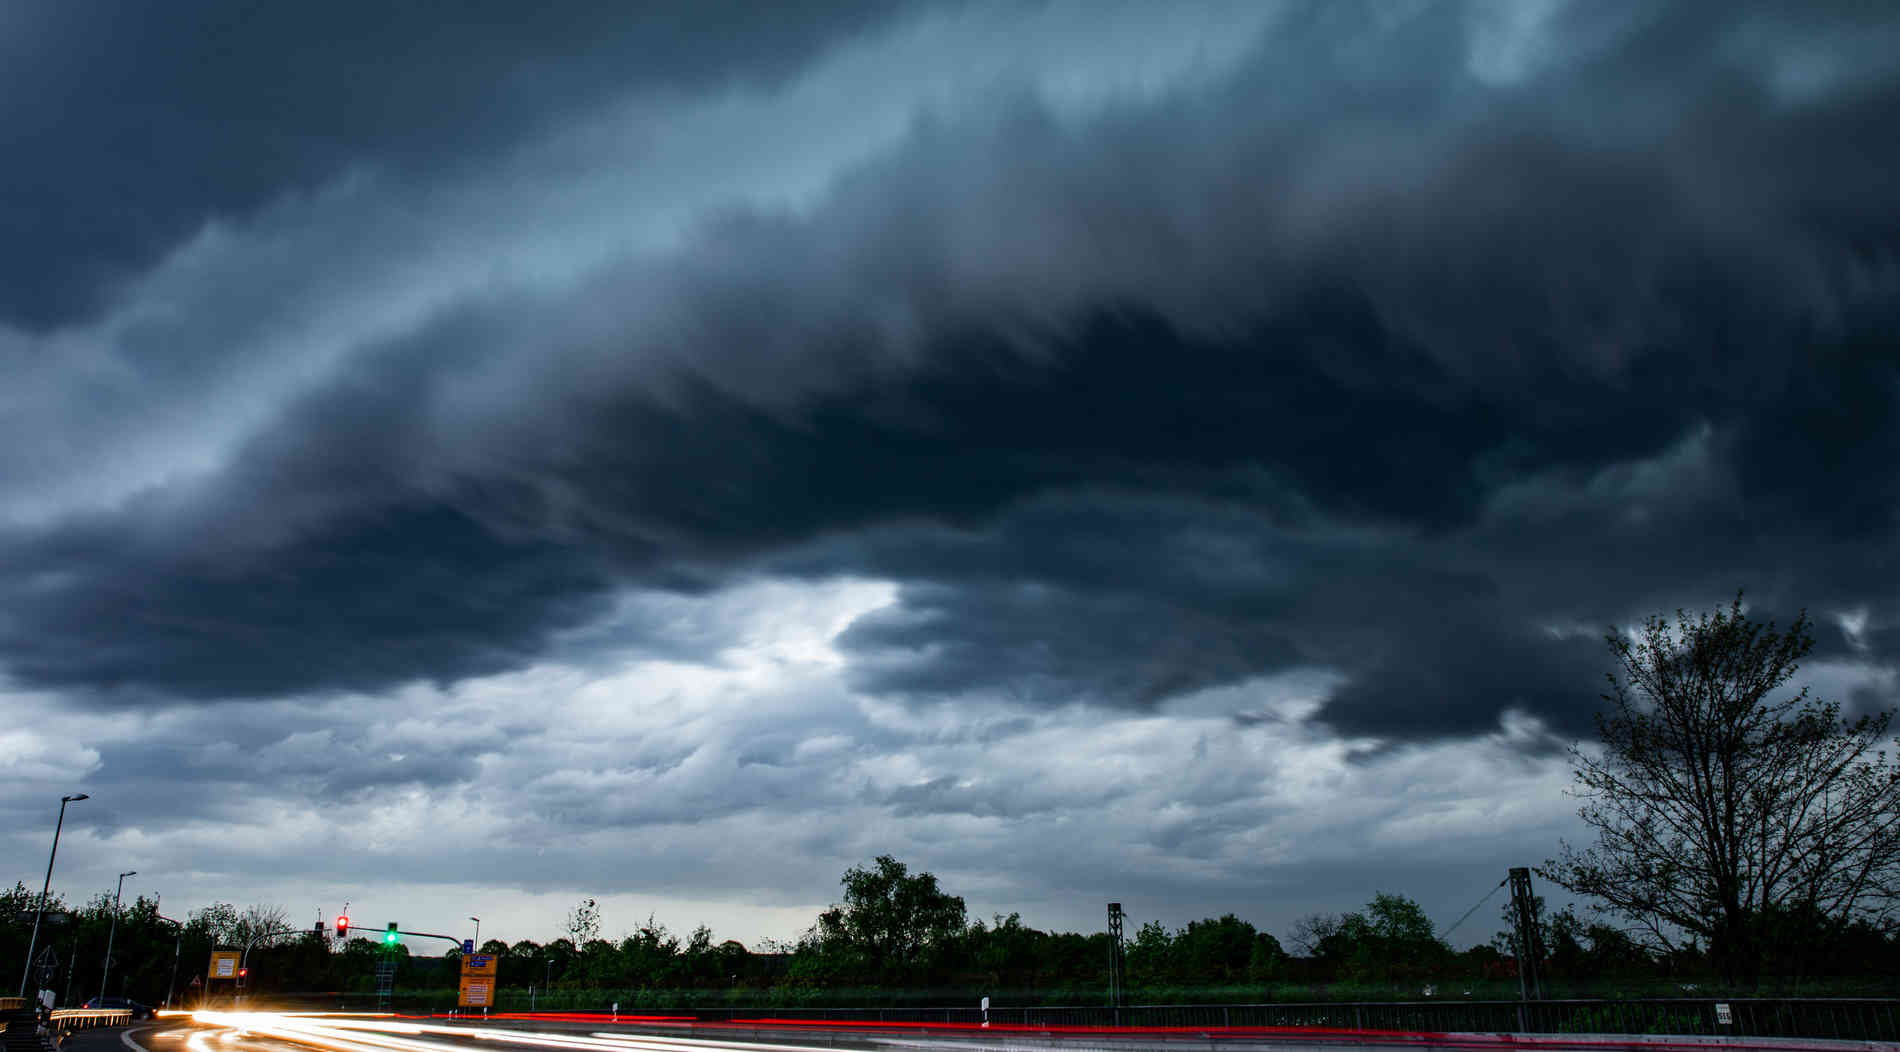 Unwetter im Rheinland verlief glimpflich - keine Verletzten